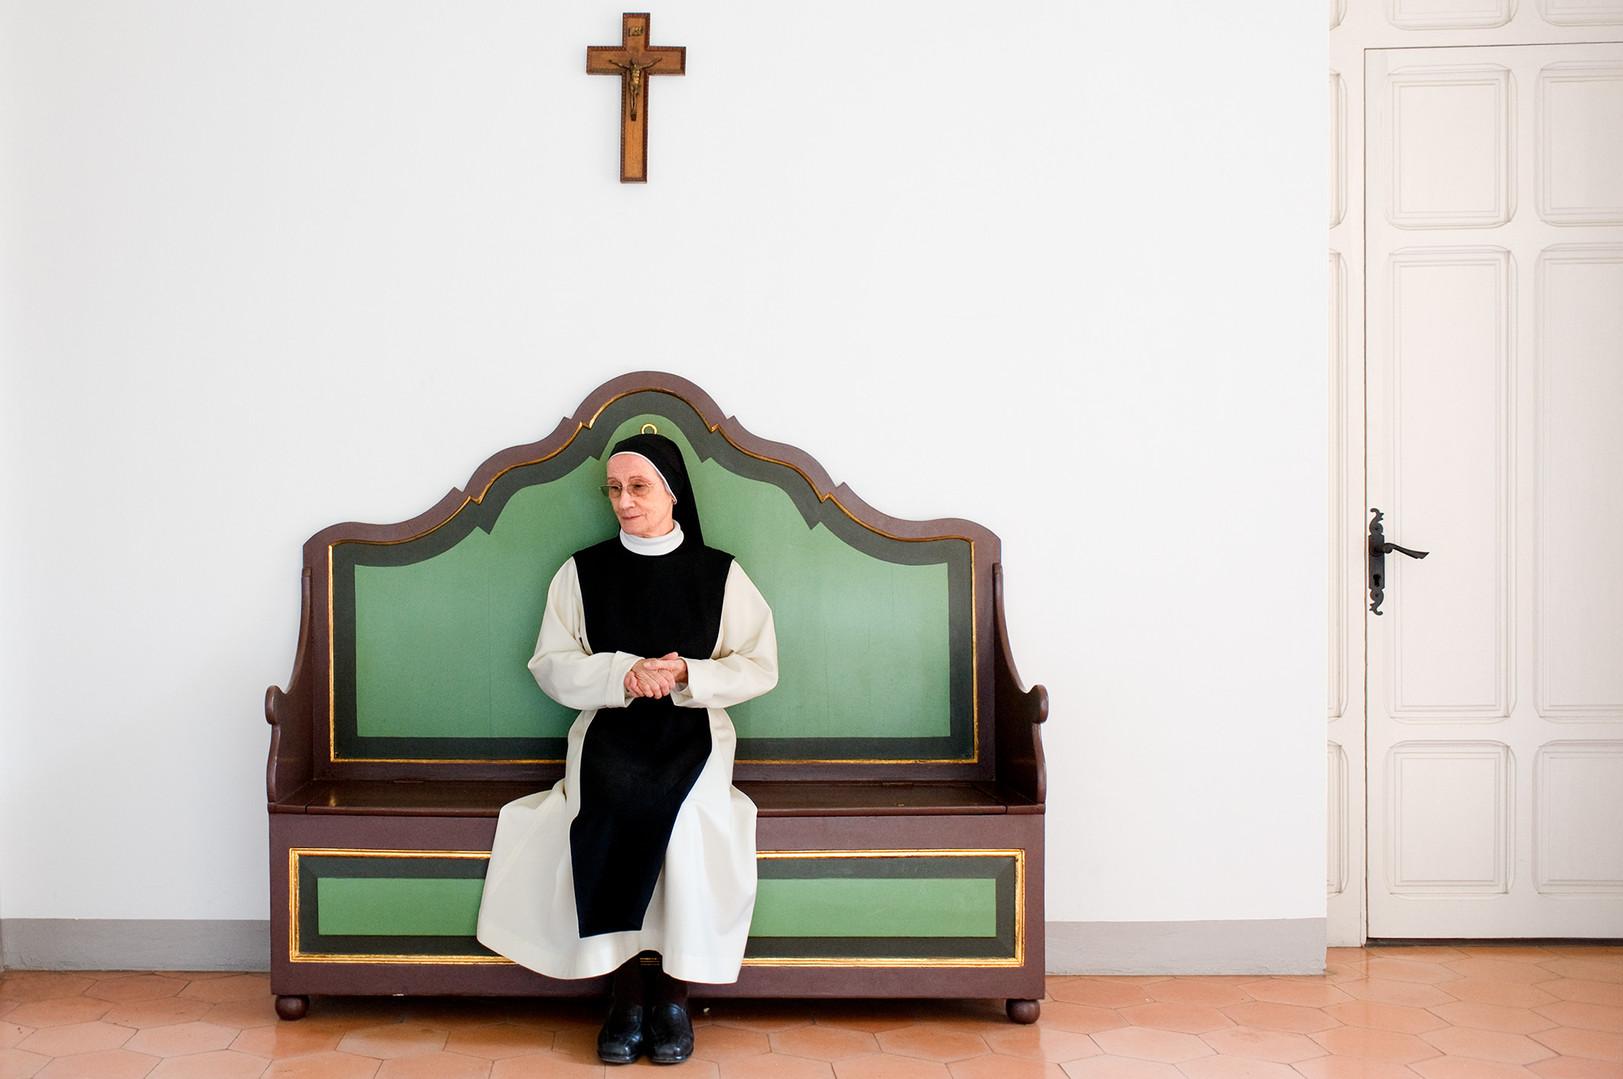 Madre superiora Nuria Illas convento cis